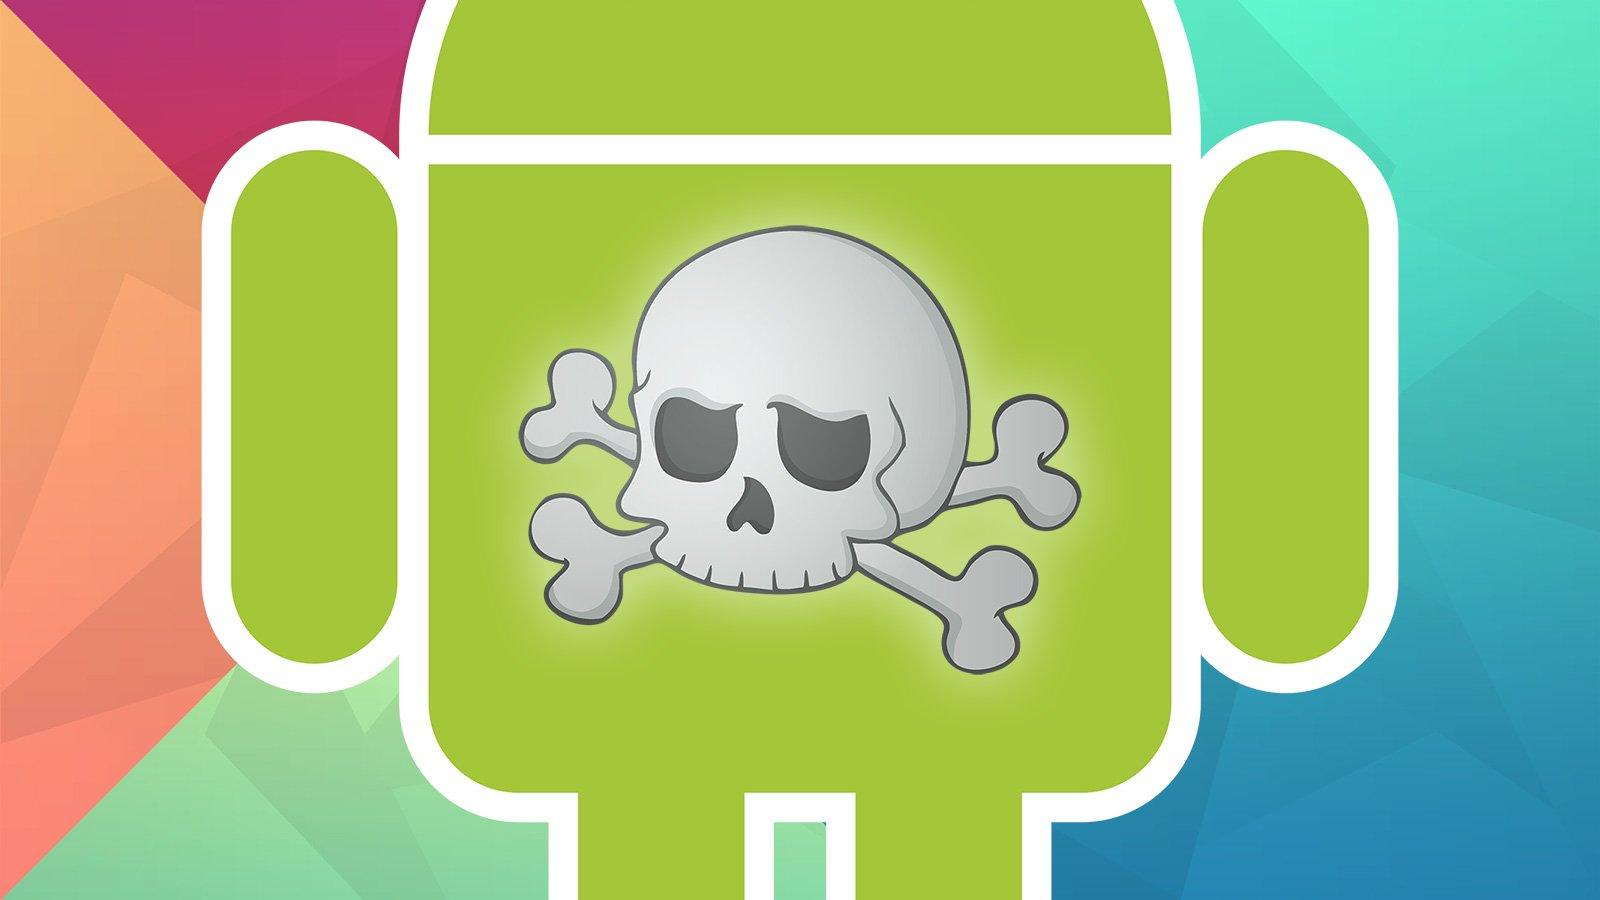 Risultati immagini per Chrysaor malware